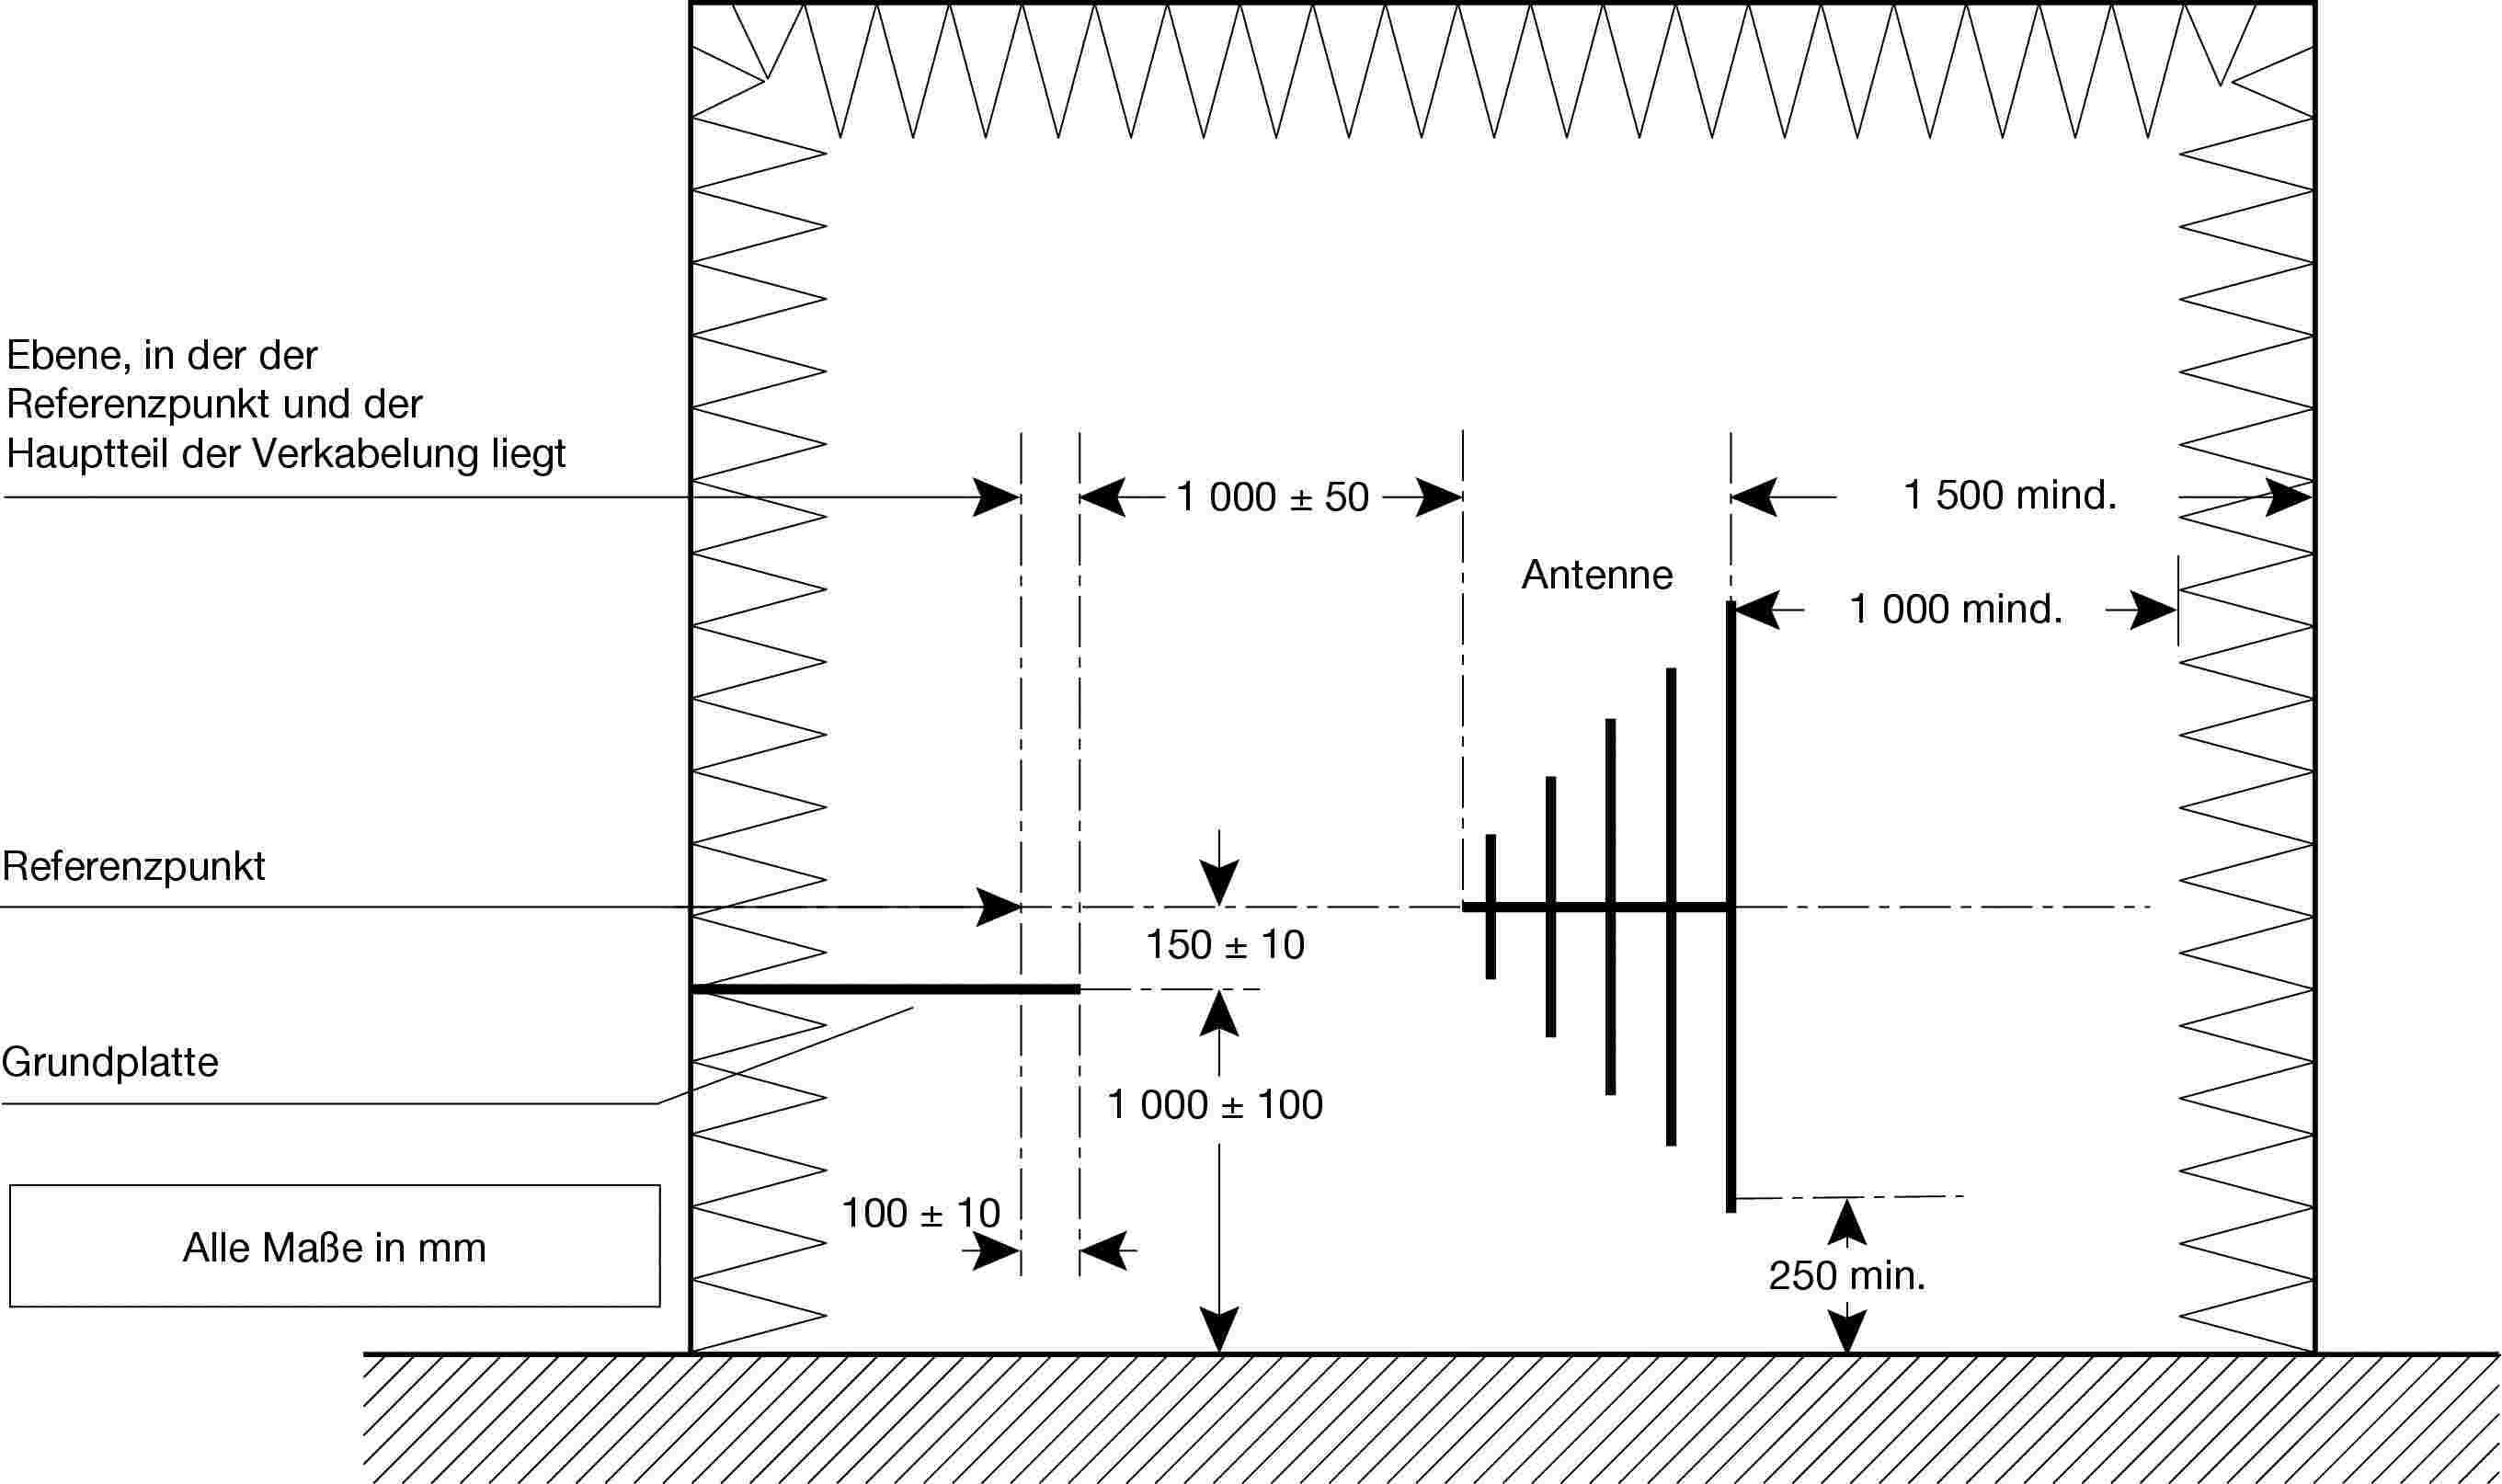 EUR-Lex - 02009L0064-20130701 - EN - EUR-Lex